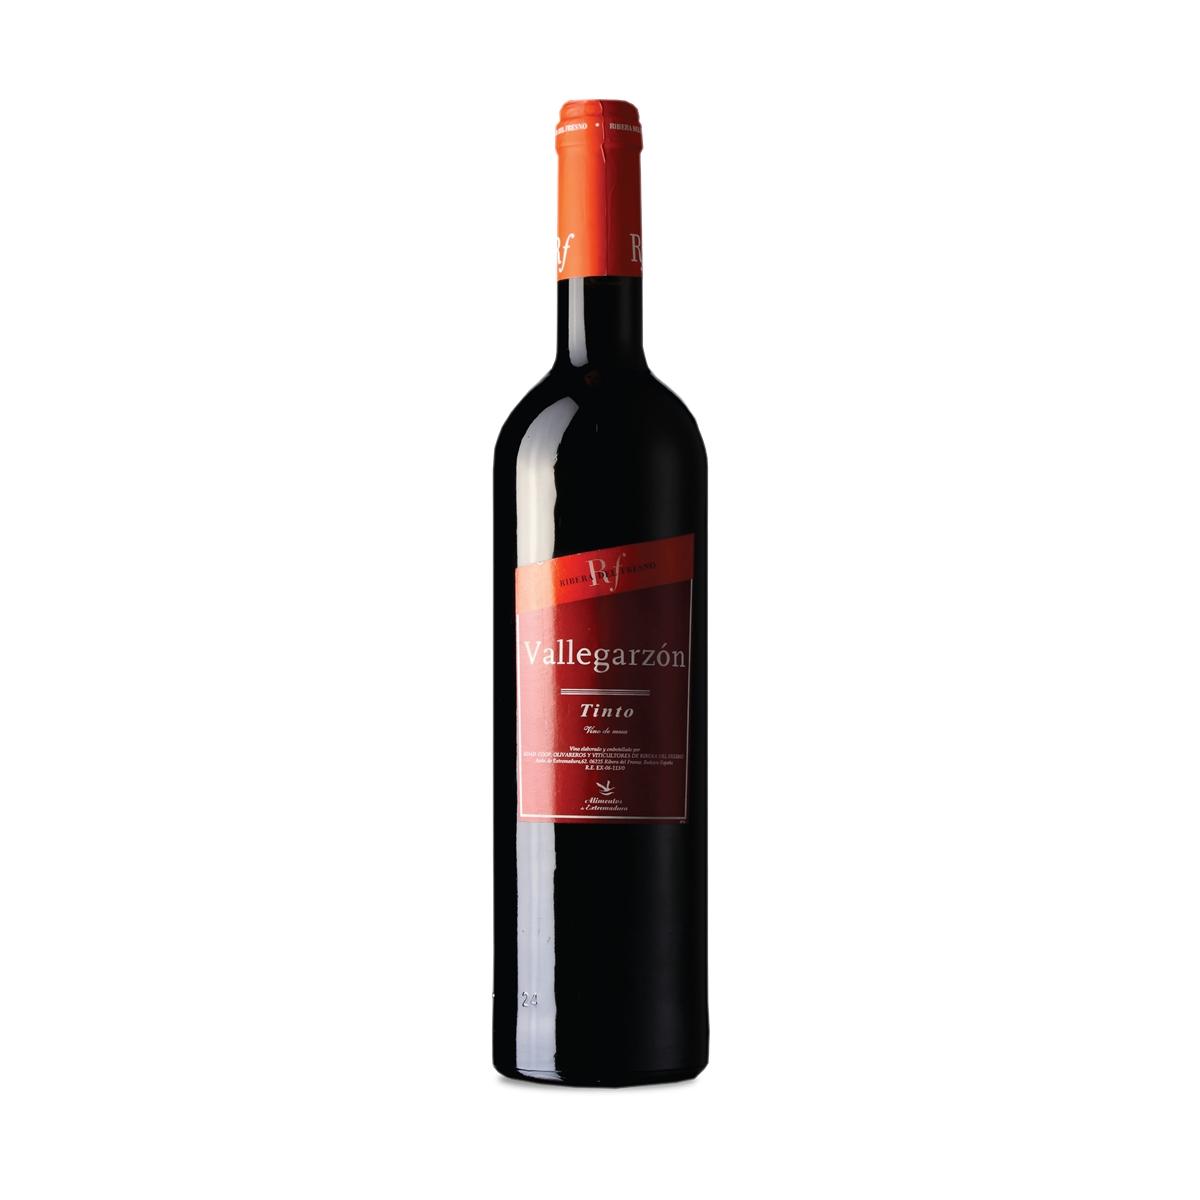 西班牙維托葡萄園加爾松谷紅牌添普蘭尼洛VDM干紅葡萄酒